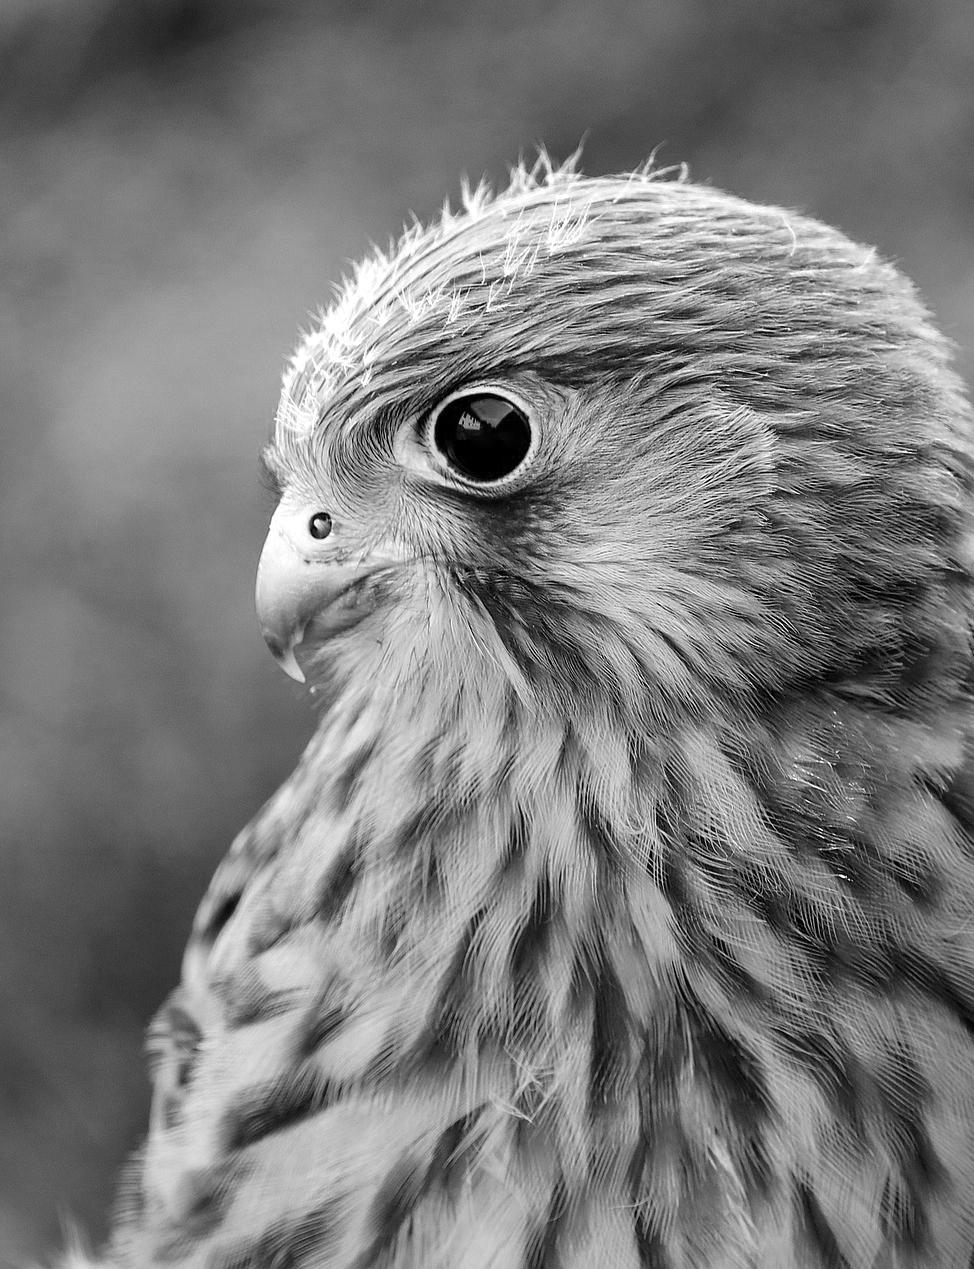 falcon-5350832_1920